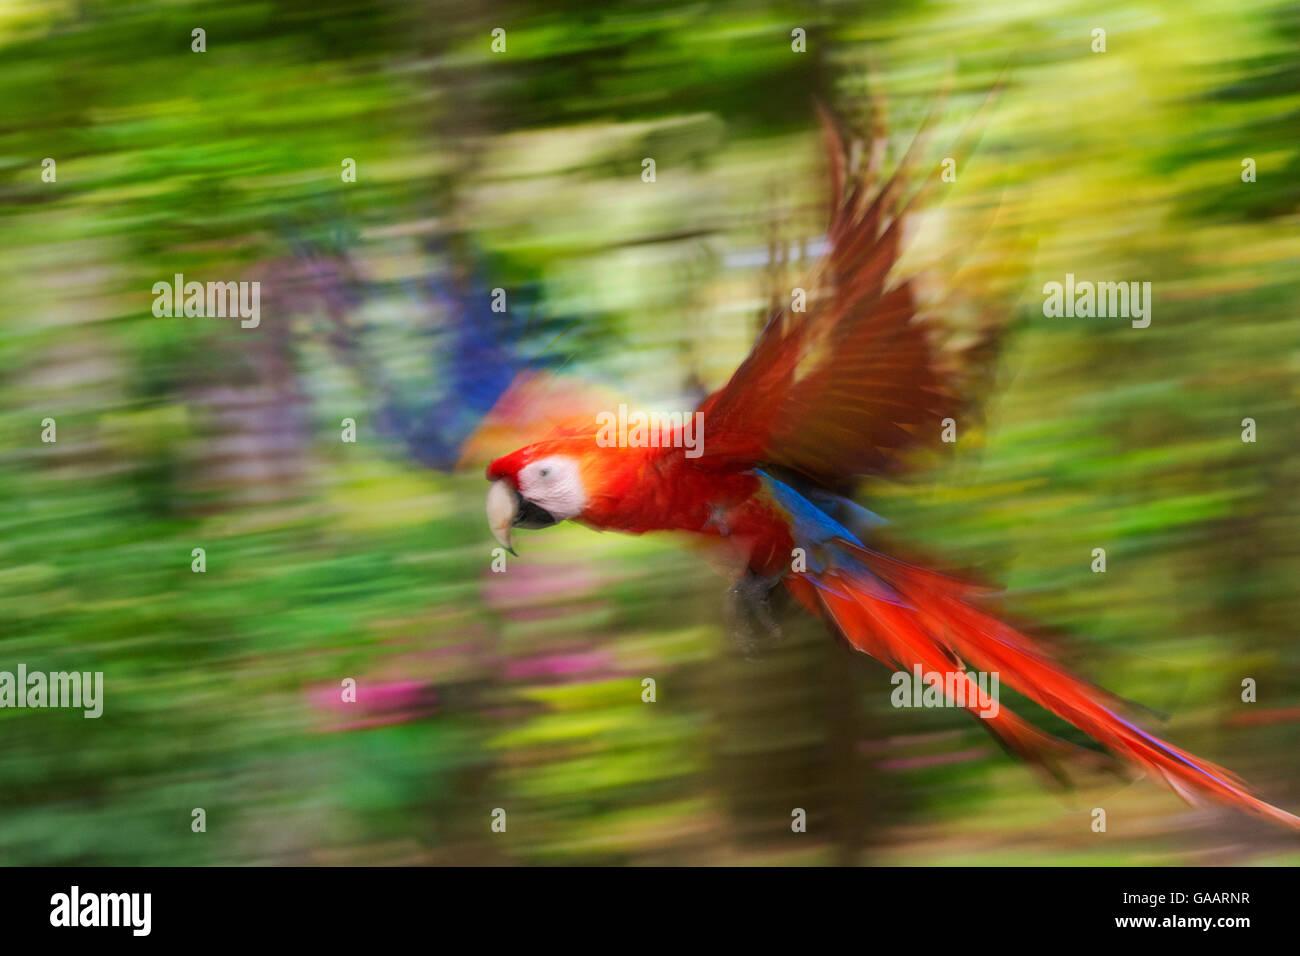 Hellroten Aras (Ara Macao) fliegen, Bewegungsunschärfe. Costa Rica. Stockbild